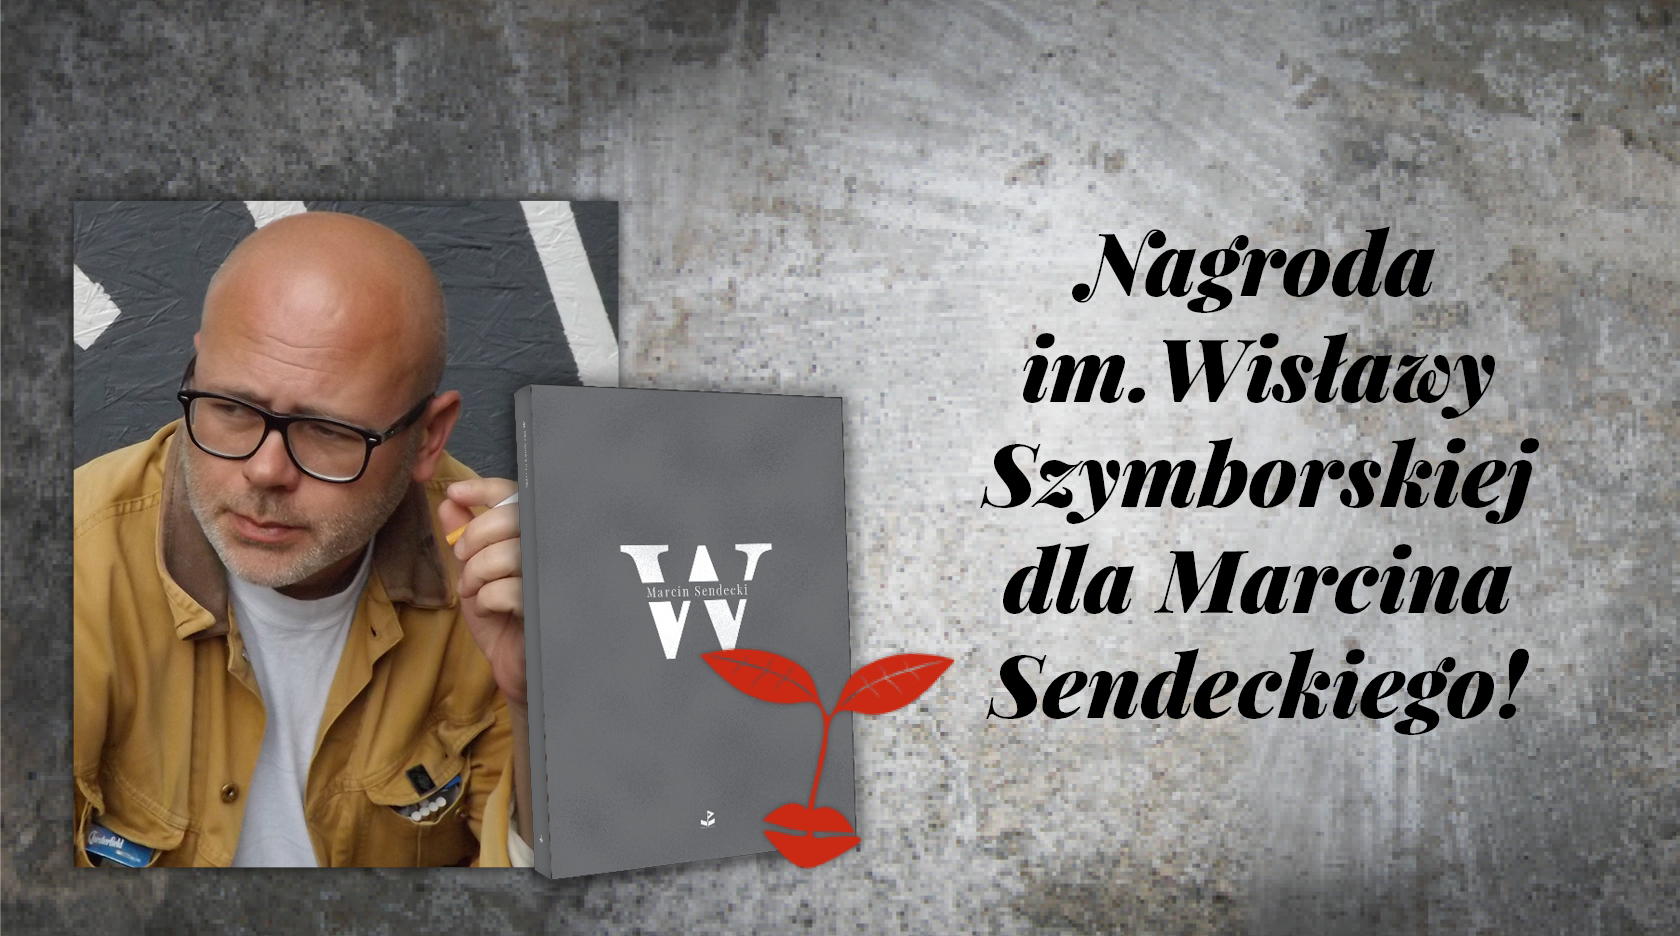 BL Img 2017.06.10 Nagroda Szymborskiej dla Marcina Sendeckiego_www_top